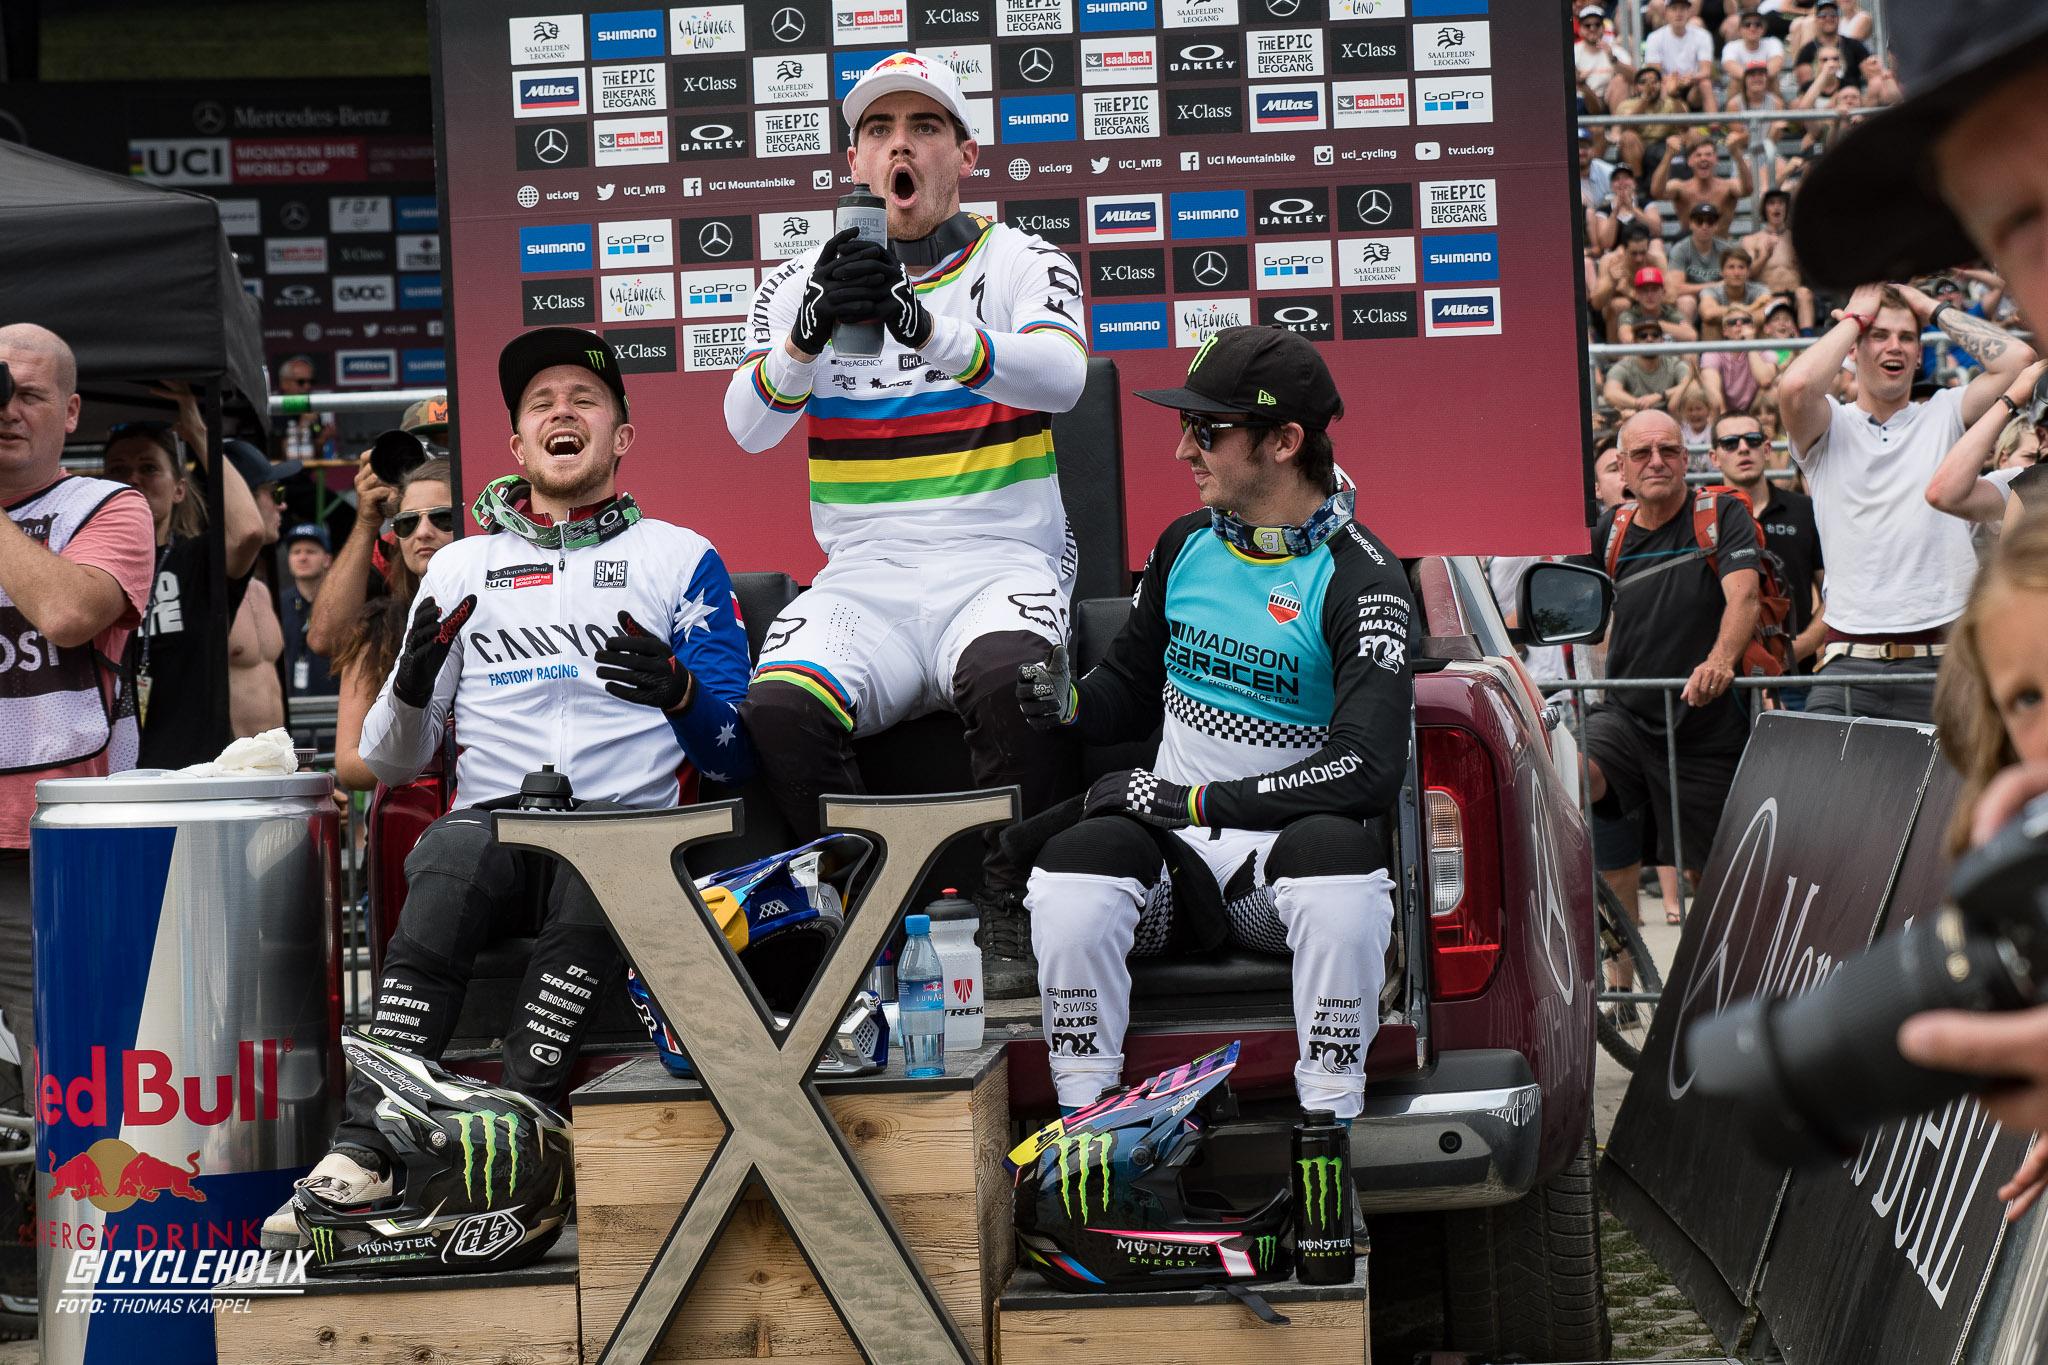 2019 Downhill Worldcup Leogang Ziel 17